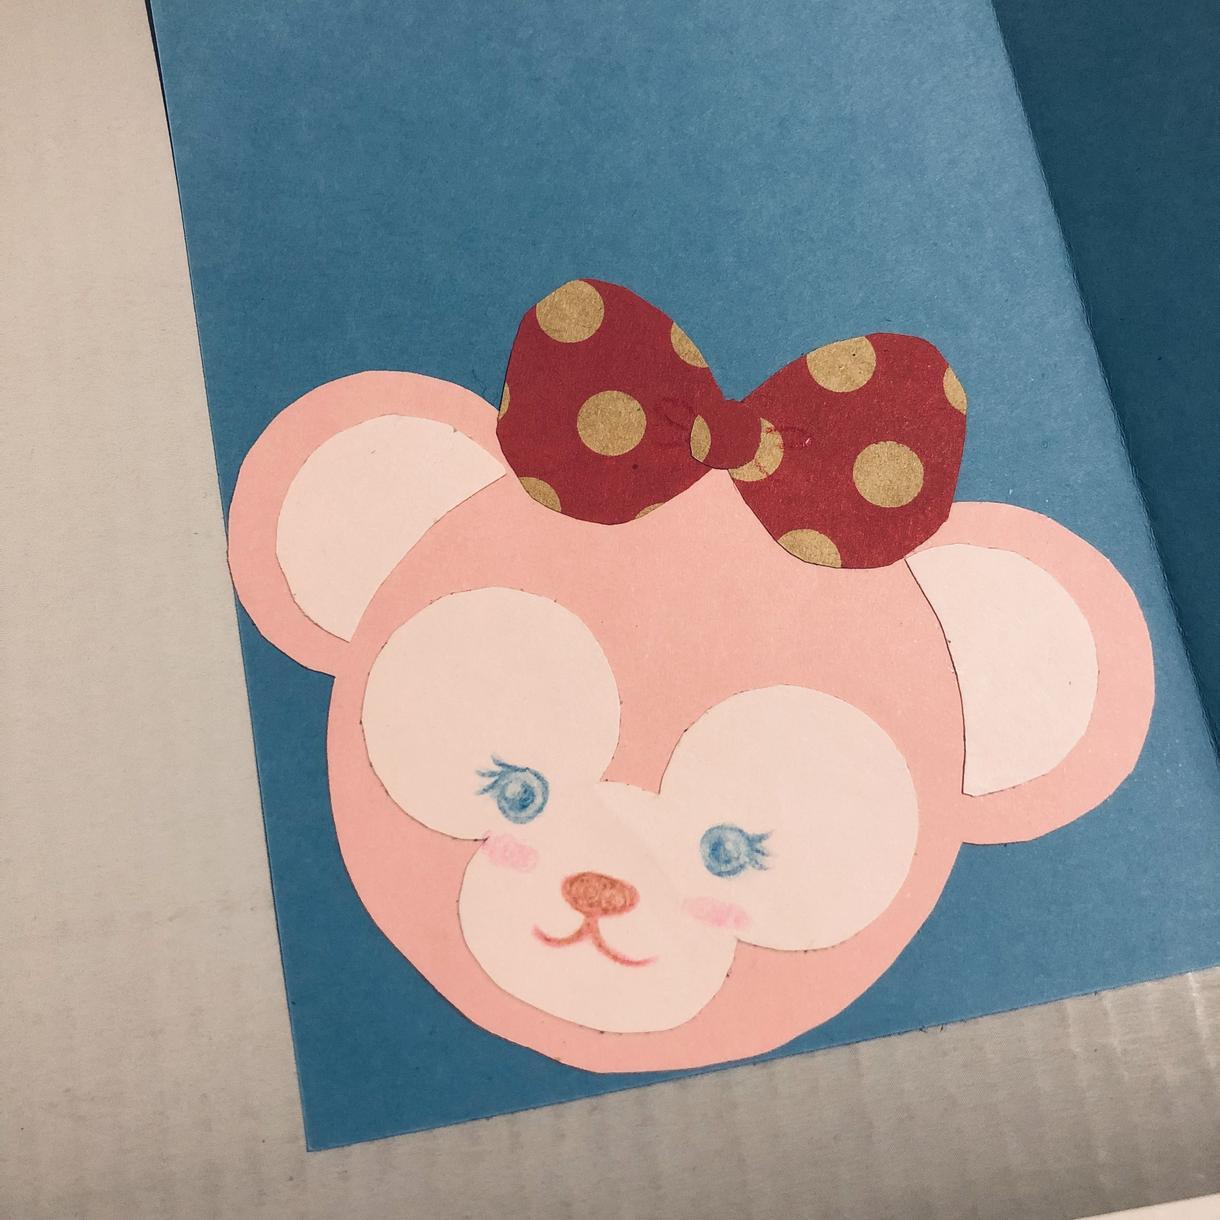 オリジナル: )手作りメッセージカード作ります 心を込めて作ります。誕生日イベントプレゼントに添えるだけで◎